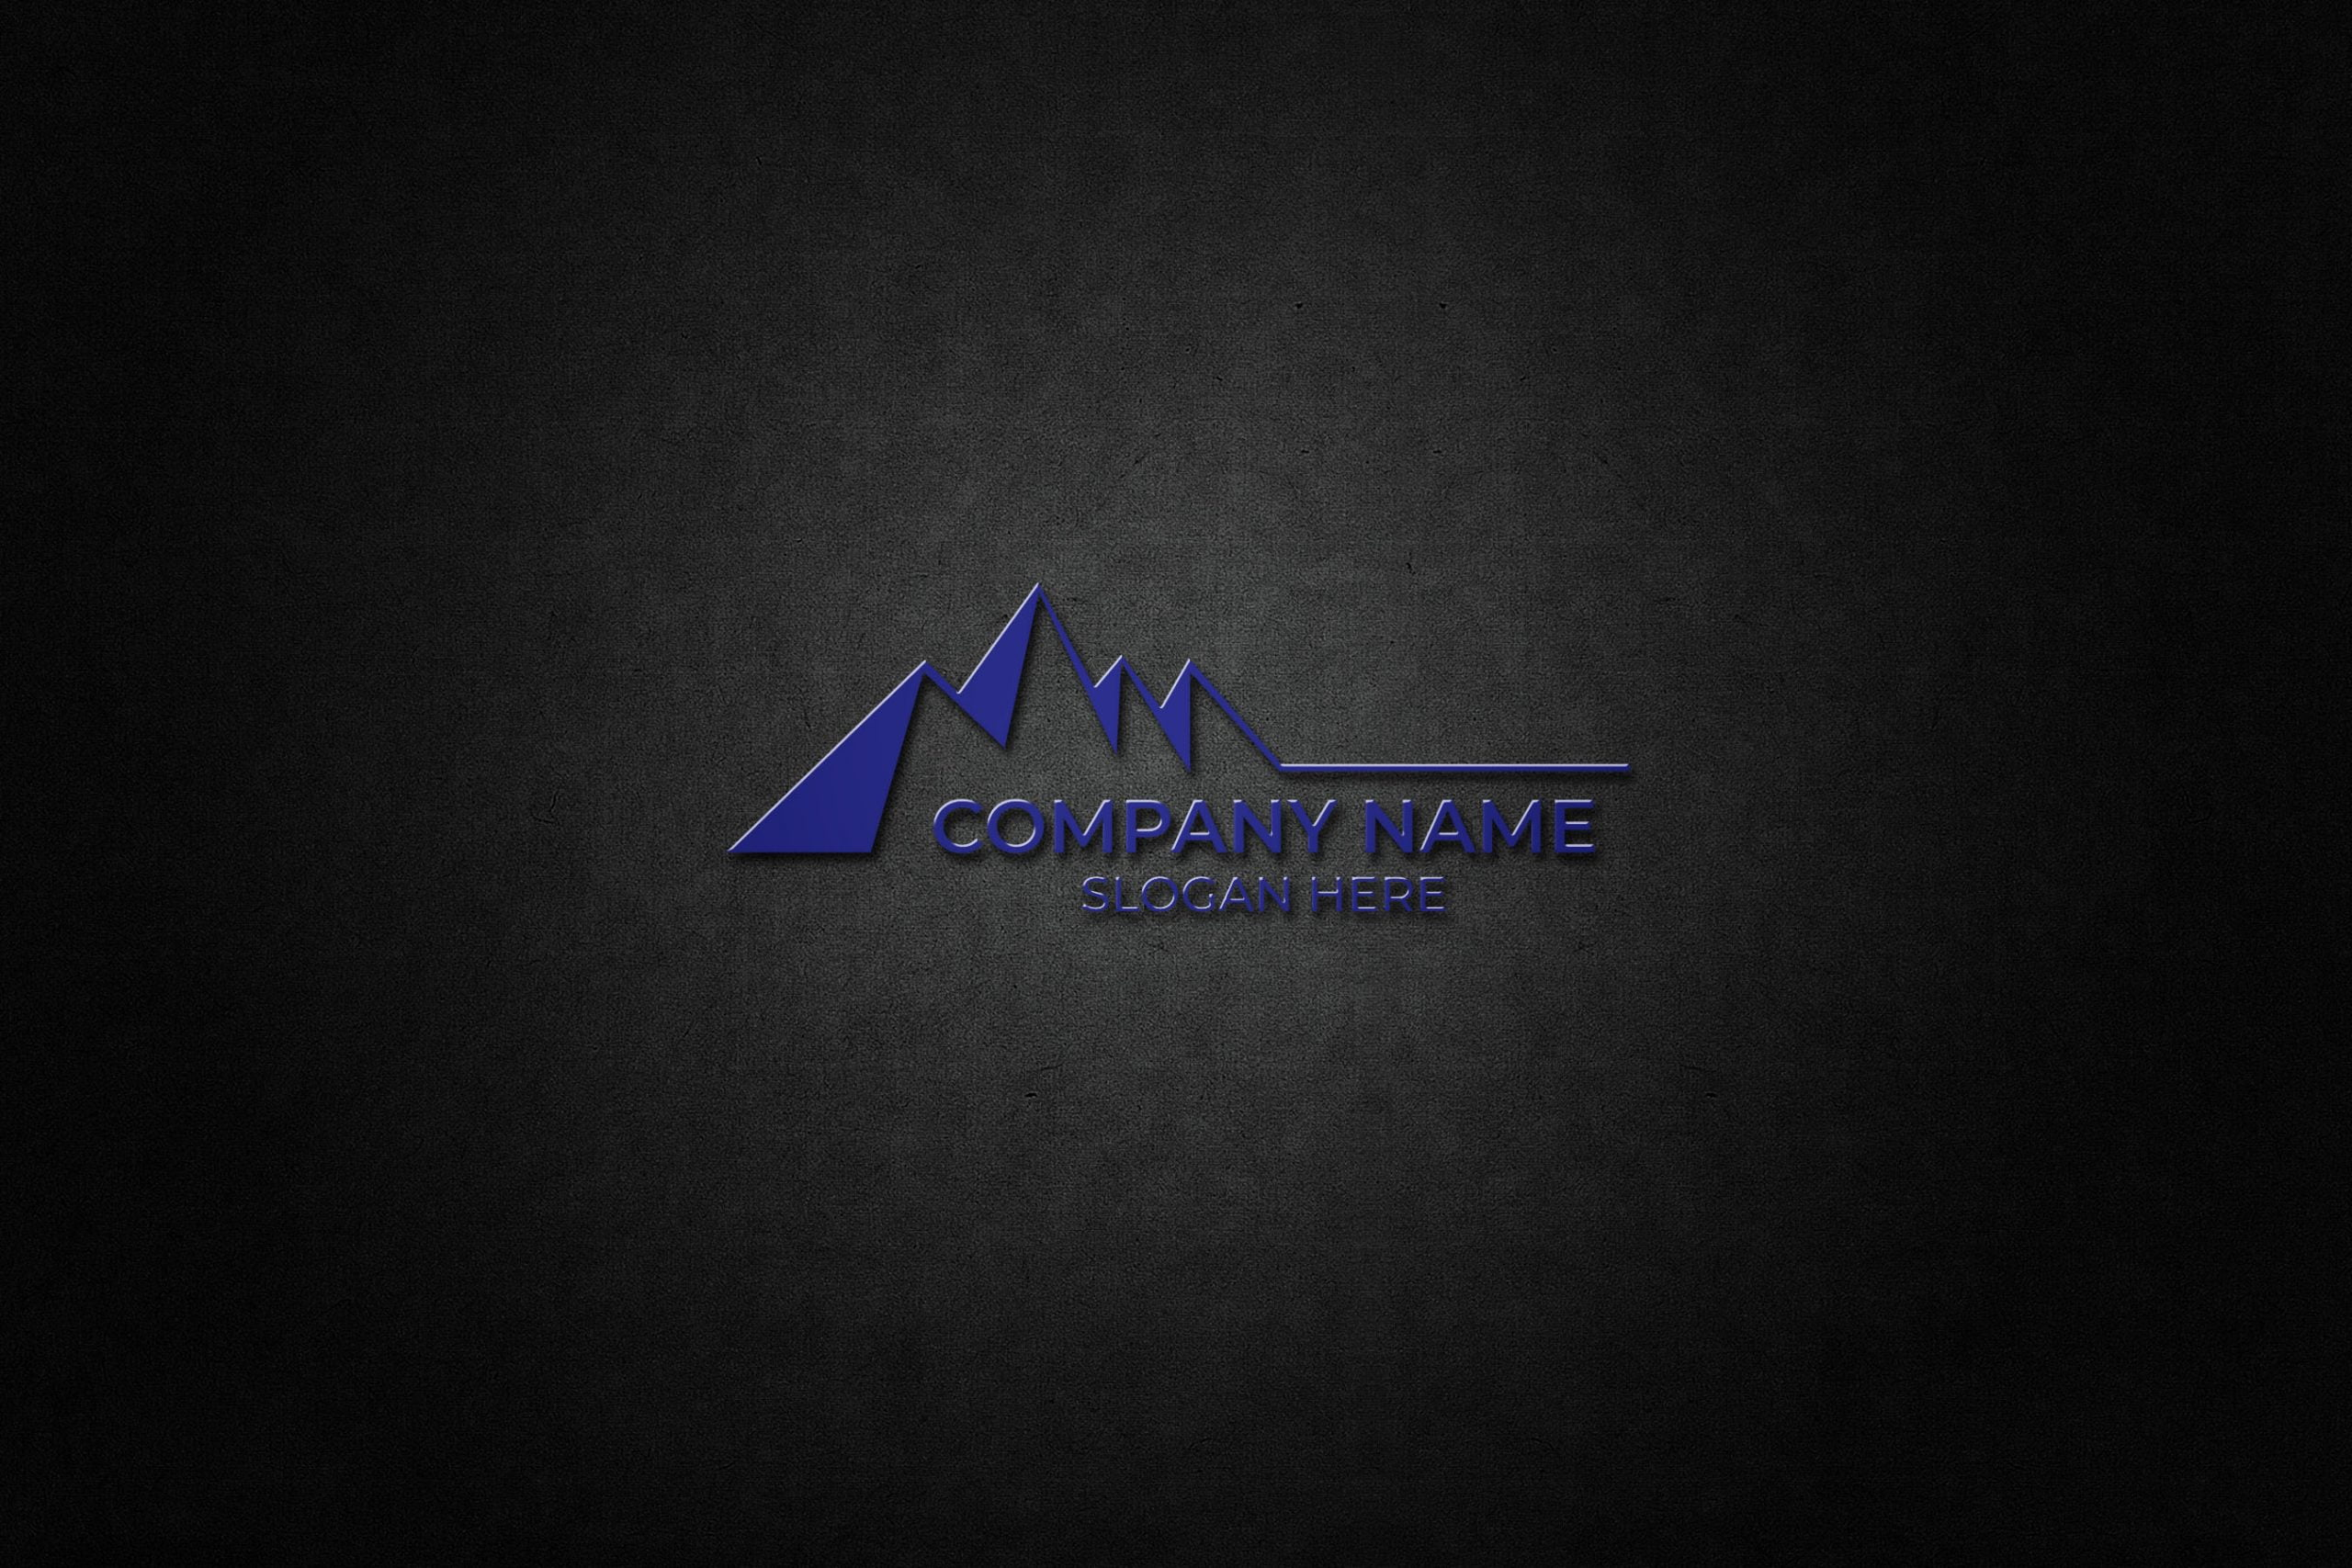 Free Mountain logo vector